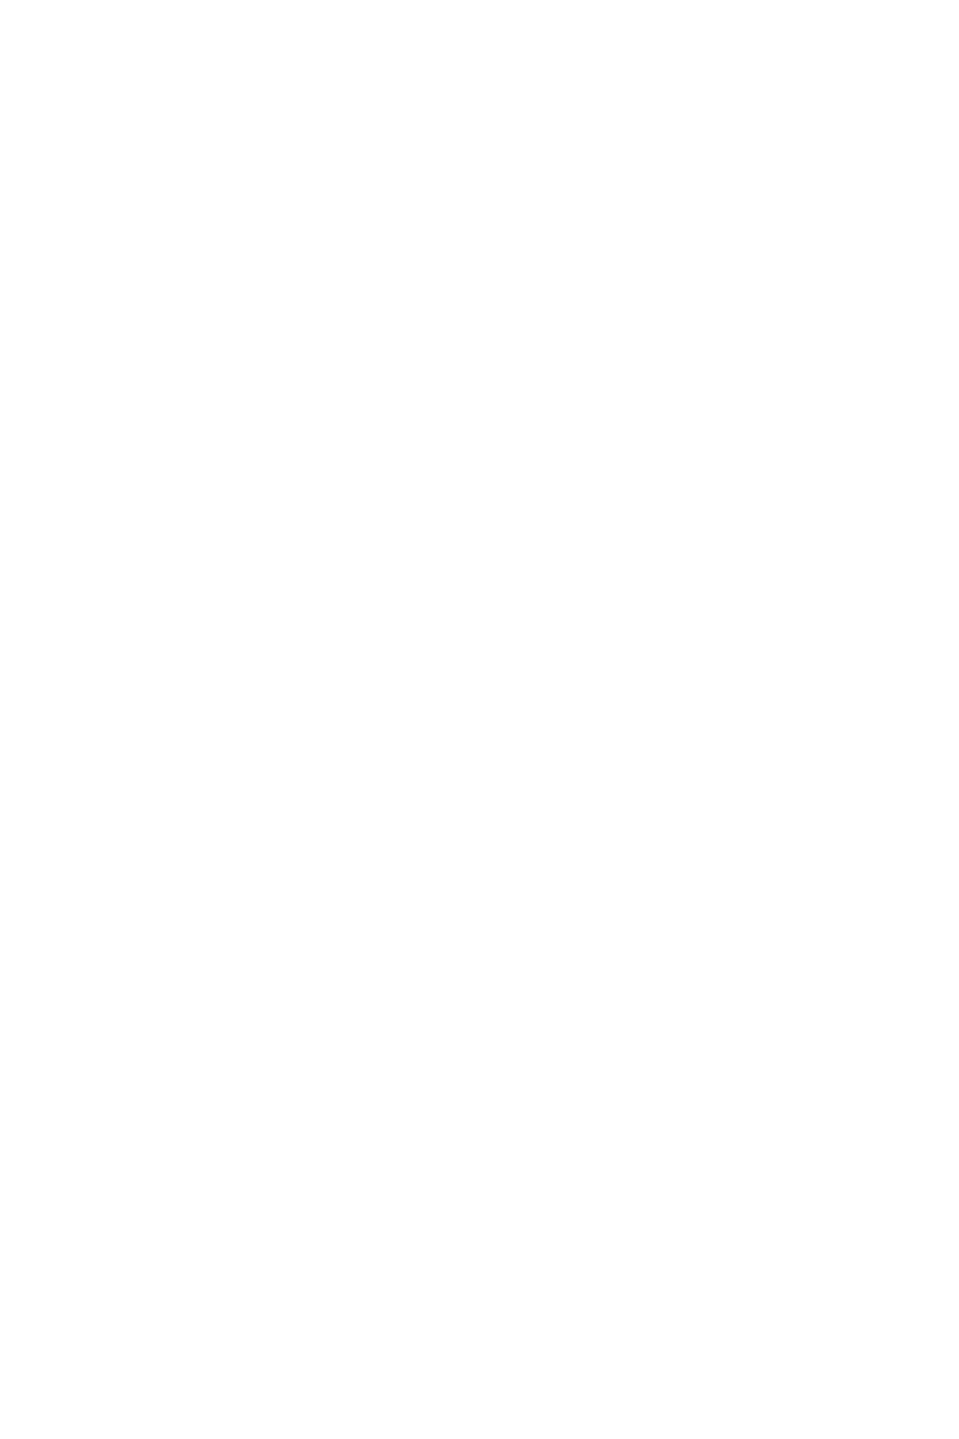 ALISON TREHEL